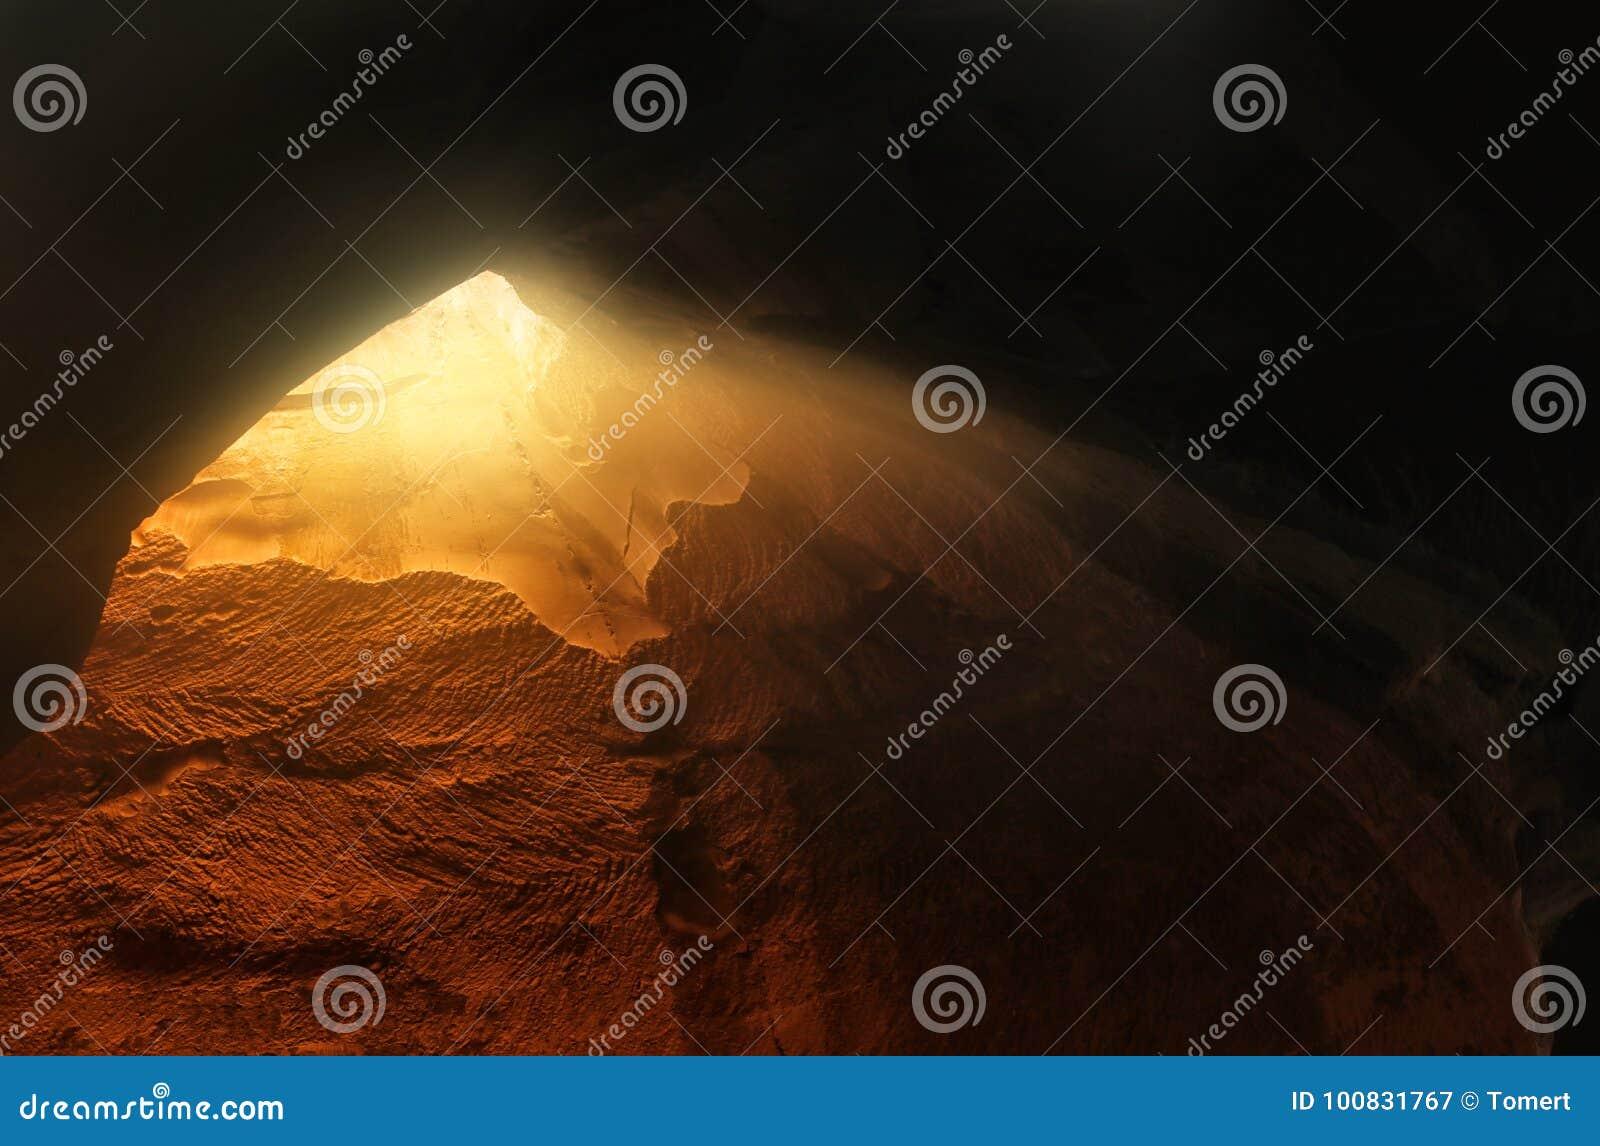 Imagem abstrata e surrealista da caverna com luz a revelação e abre a porta, conceito da história da Bíblia Sagrada